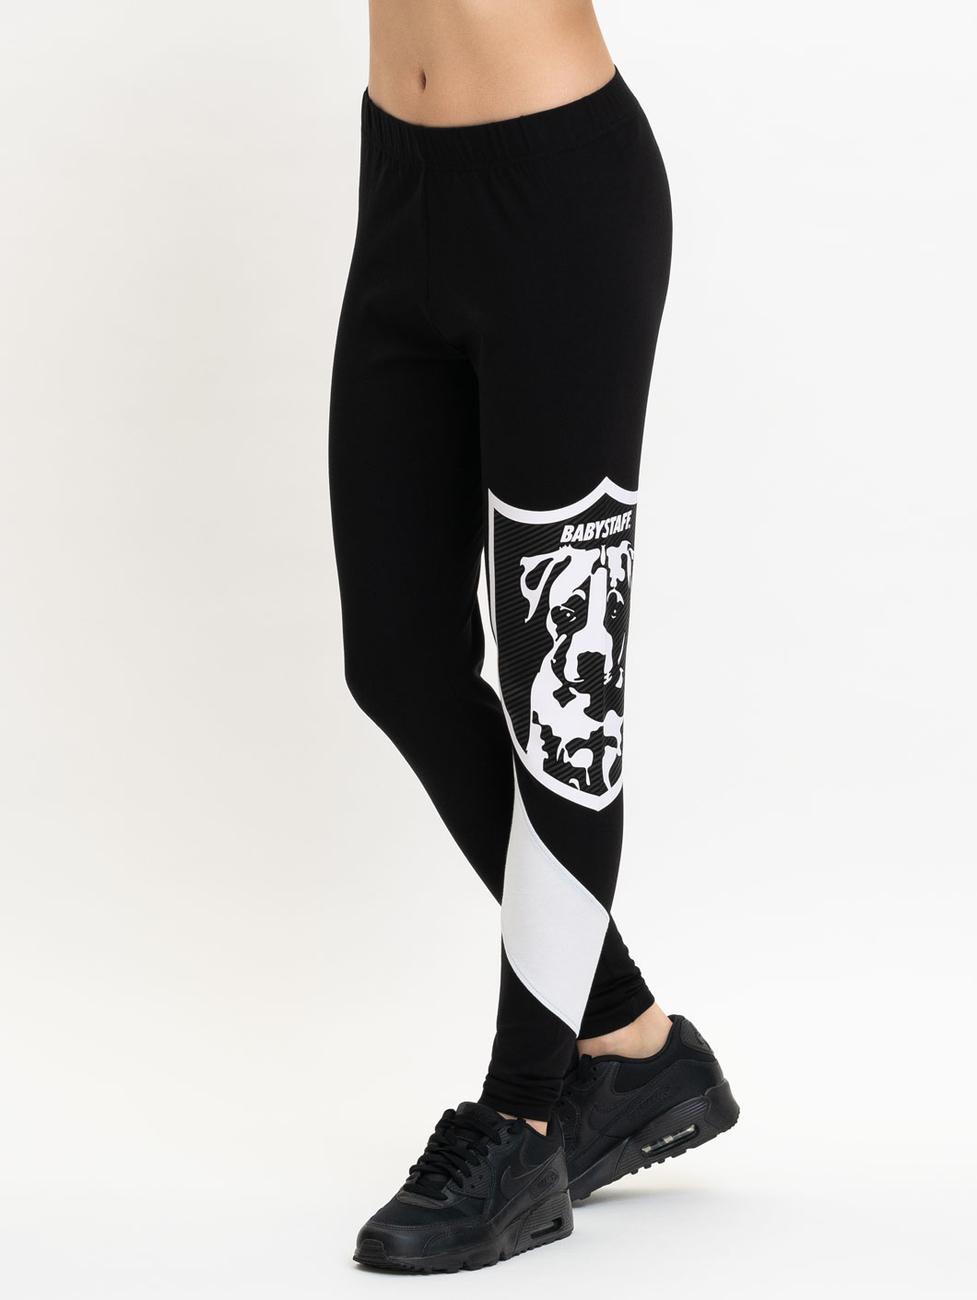 Babystaff Unita Leggings XL